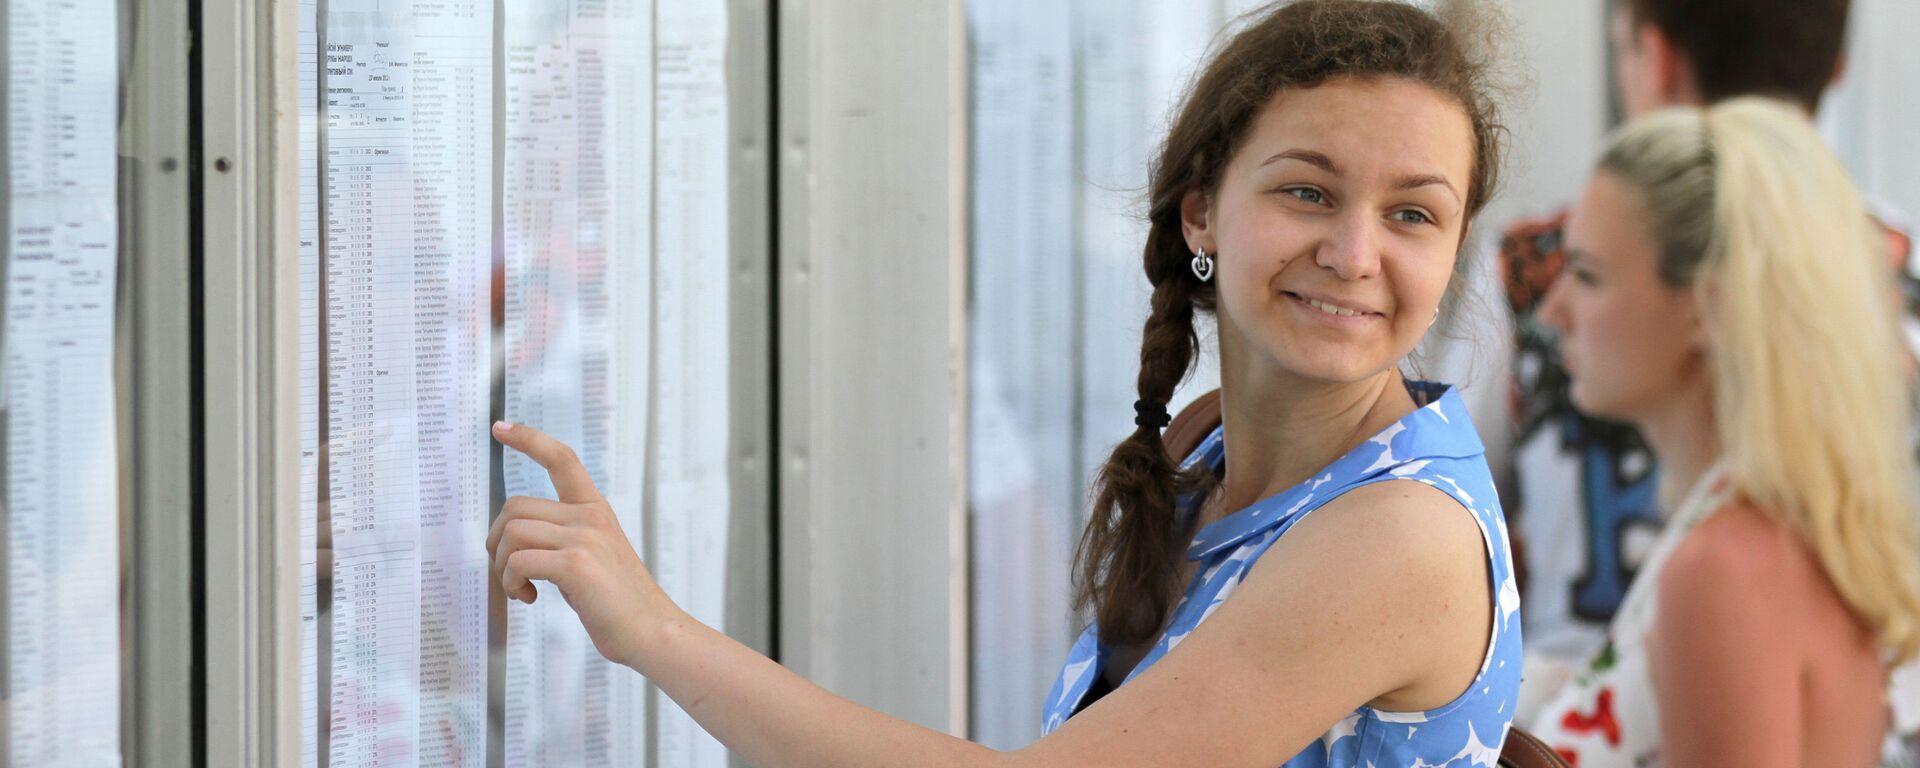 Девушка радуется своей фамилии в списках зачисленных абитуриентов - Sputnik Ўзбекистон, 1920, 03.09.2021